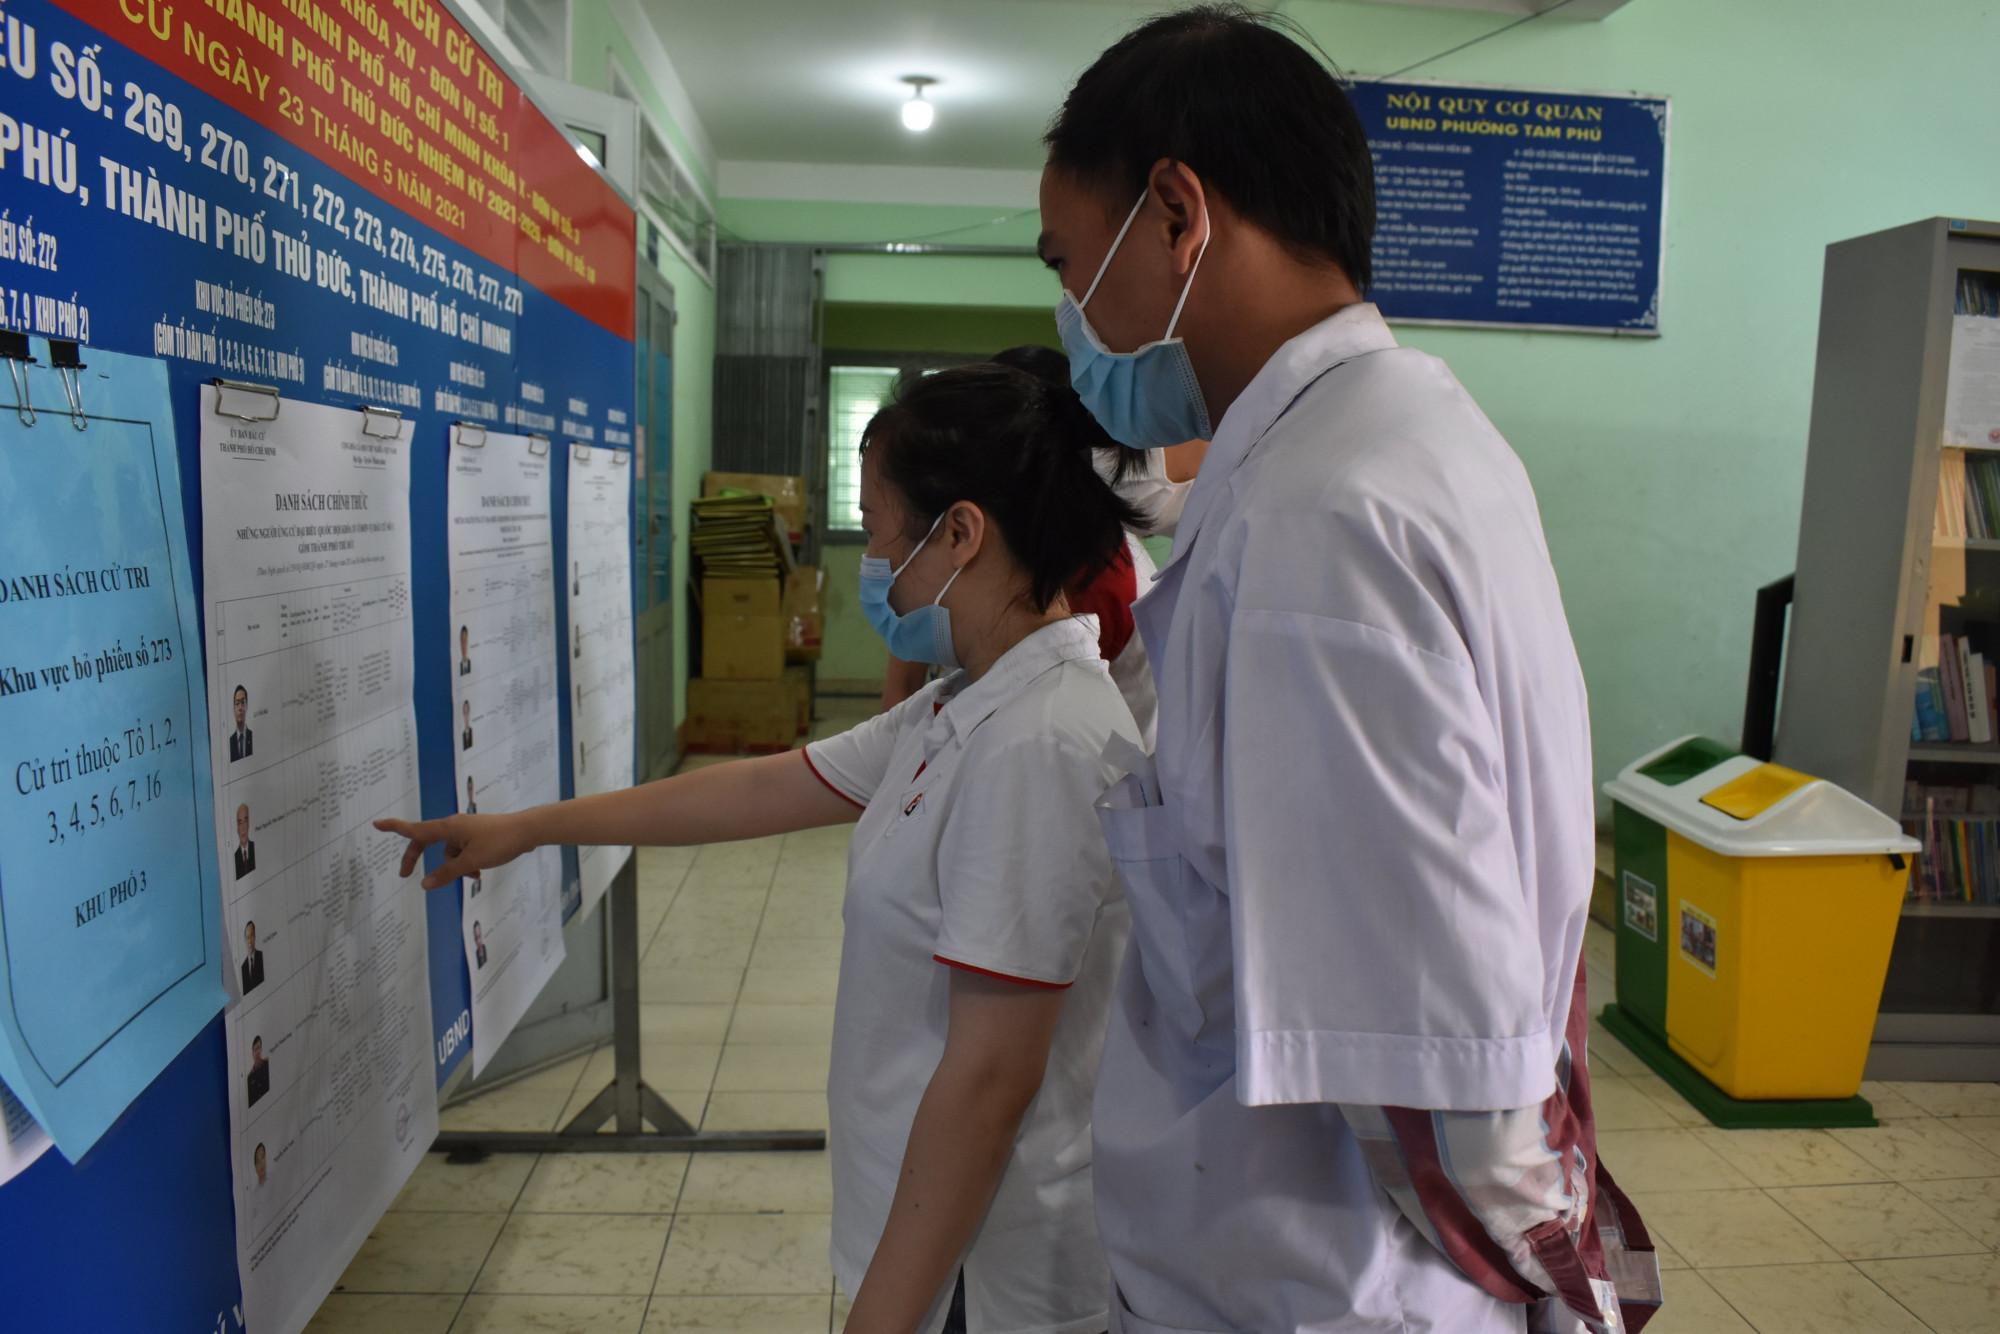 Dịch COVID-19 phức tạp, TPHCM lên nhiều phương án ứng phó dịch bệnh đảm bảo an toàn cho công tác bầu cử